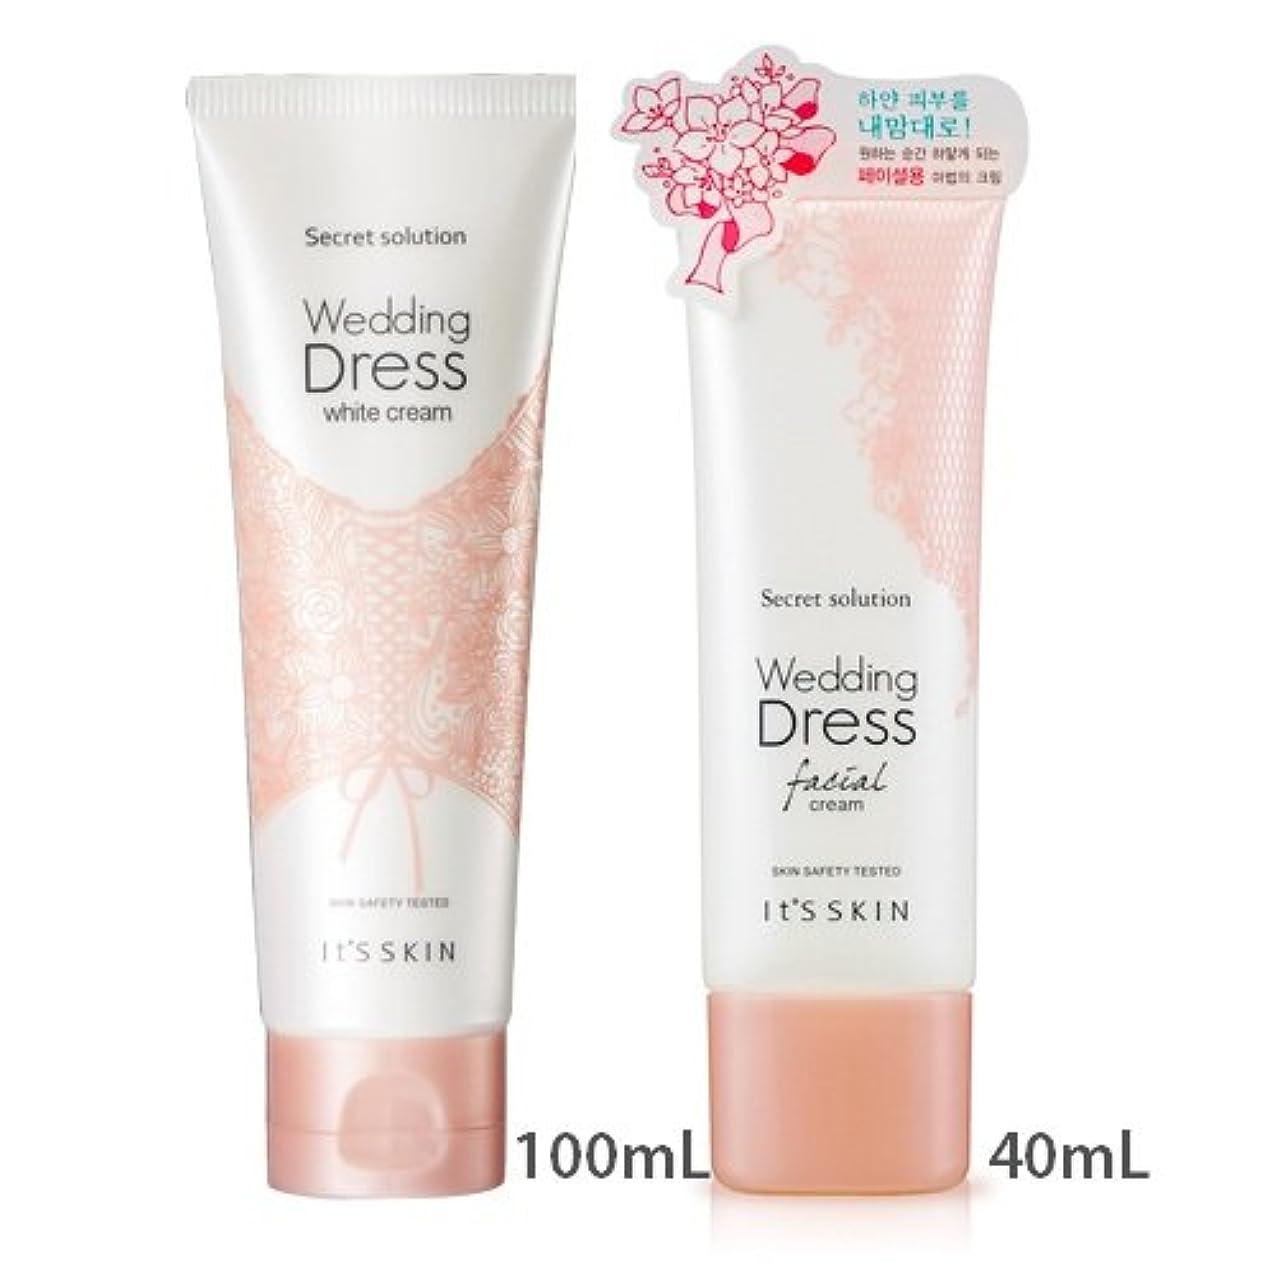 バラバラにする紛争オーストラリア[1+1] It's skin Secret Solution Wedding Dress Facial Cream 40mL + Secret Solution Wedding Dress Cream 100mL イッツスキン...